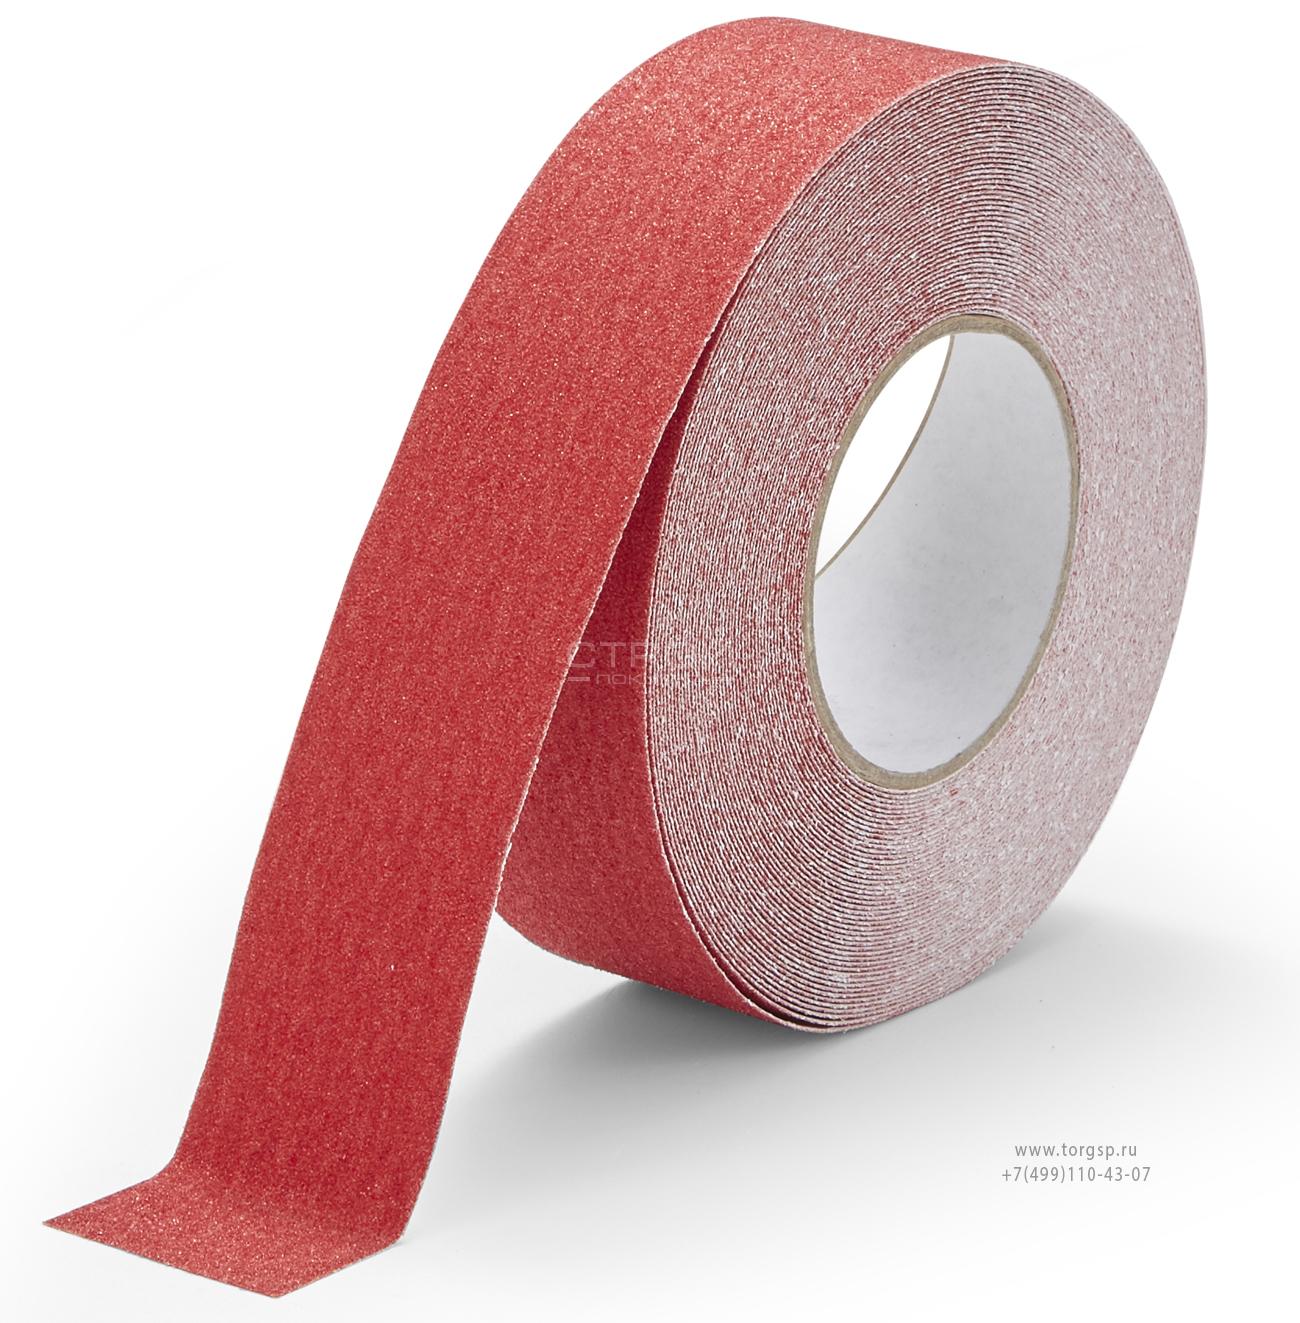 Красная абразивная противоскользящая лента Heskins шириной 5 см